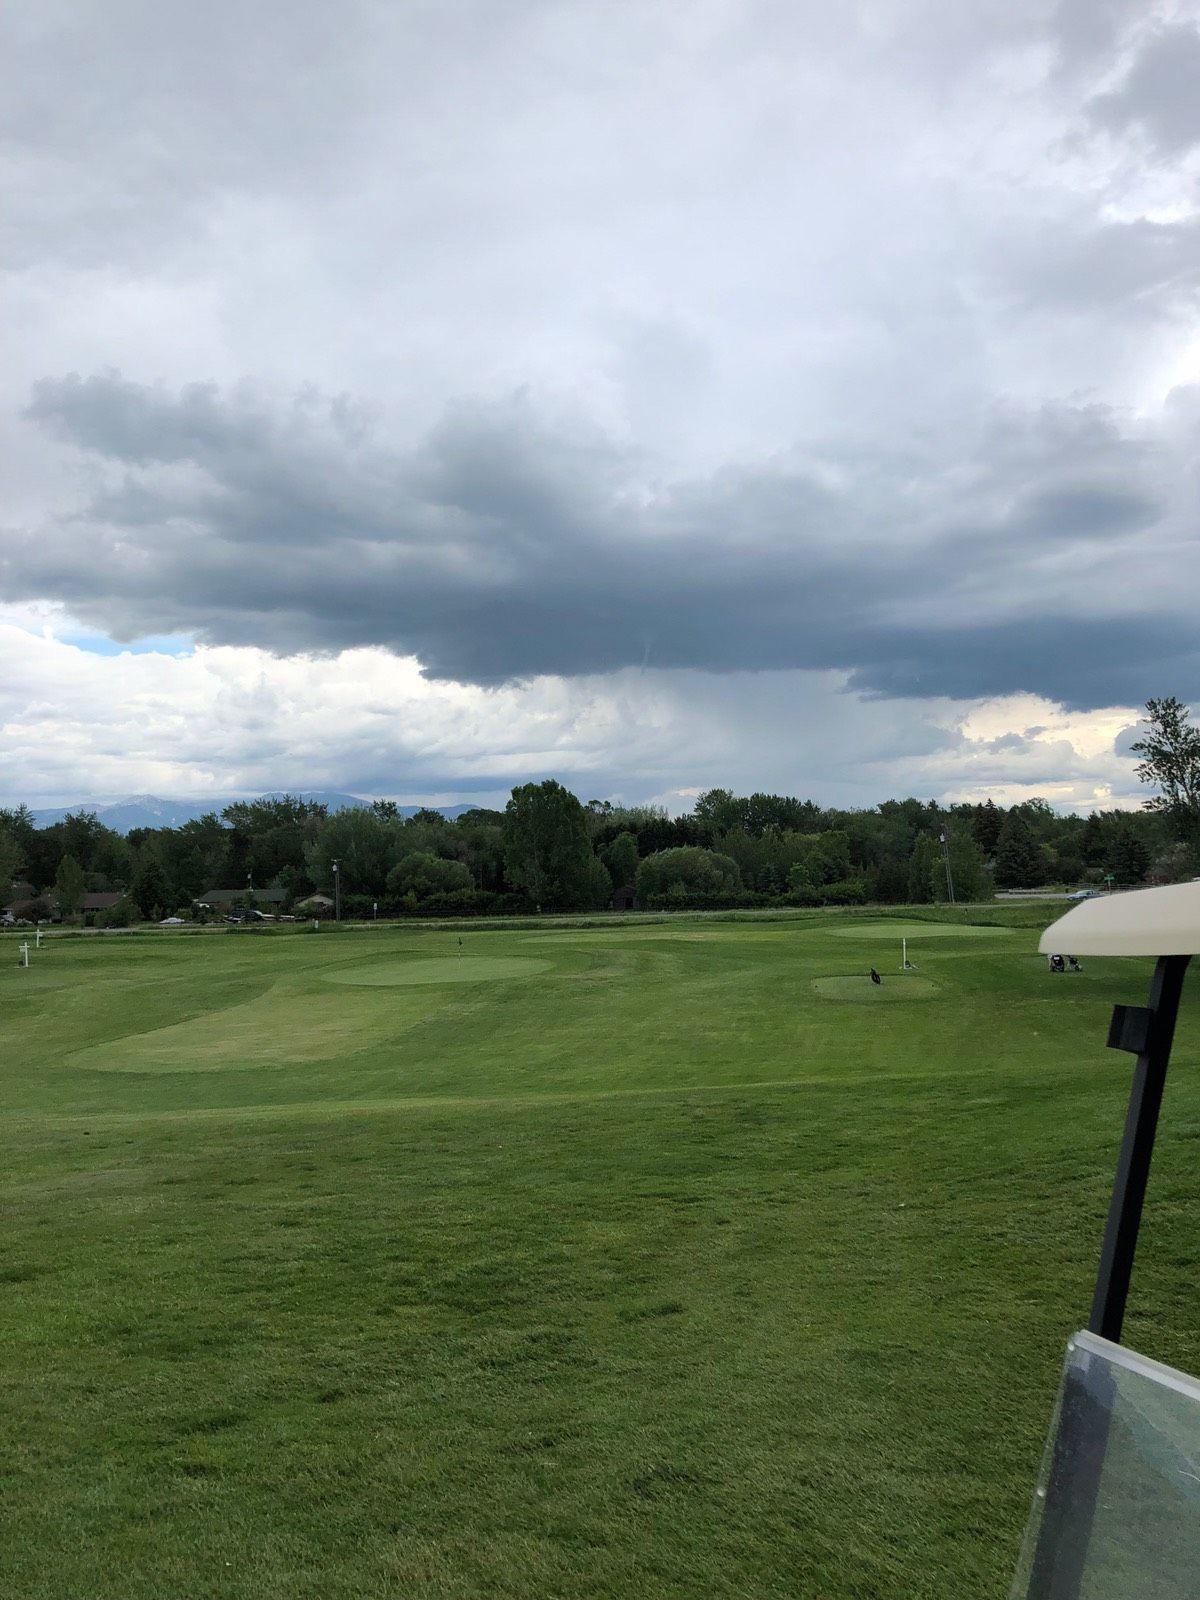 Funnel cloud spotted in Bozeman